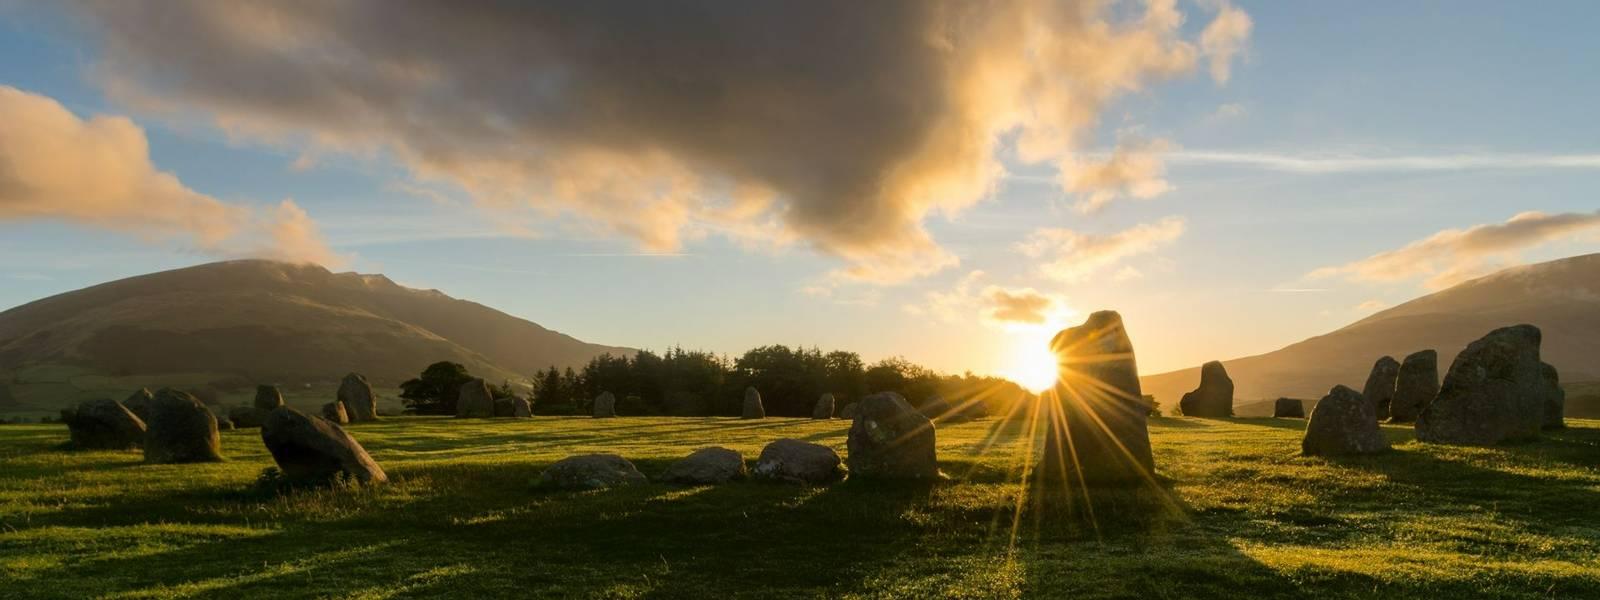 Northern Lake District - Derwent Water - AdobeStock_119685071.jpeg